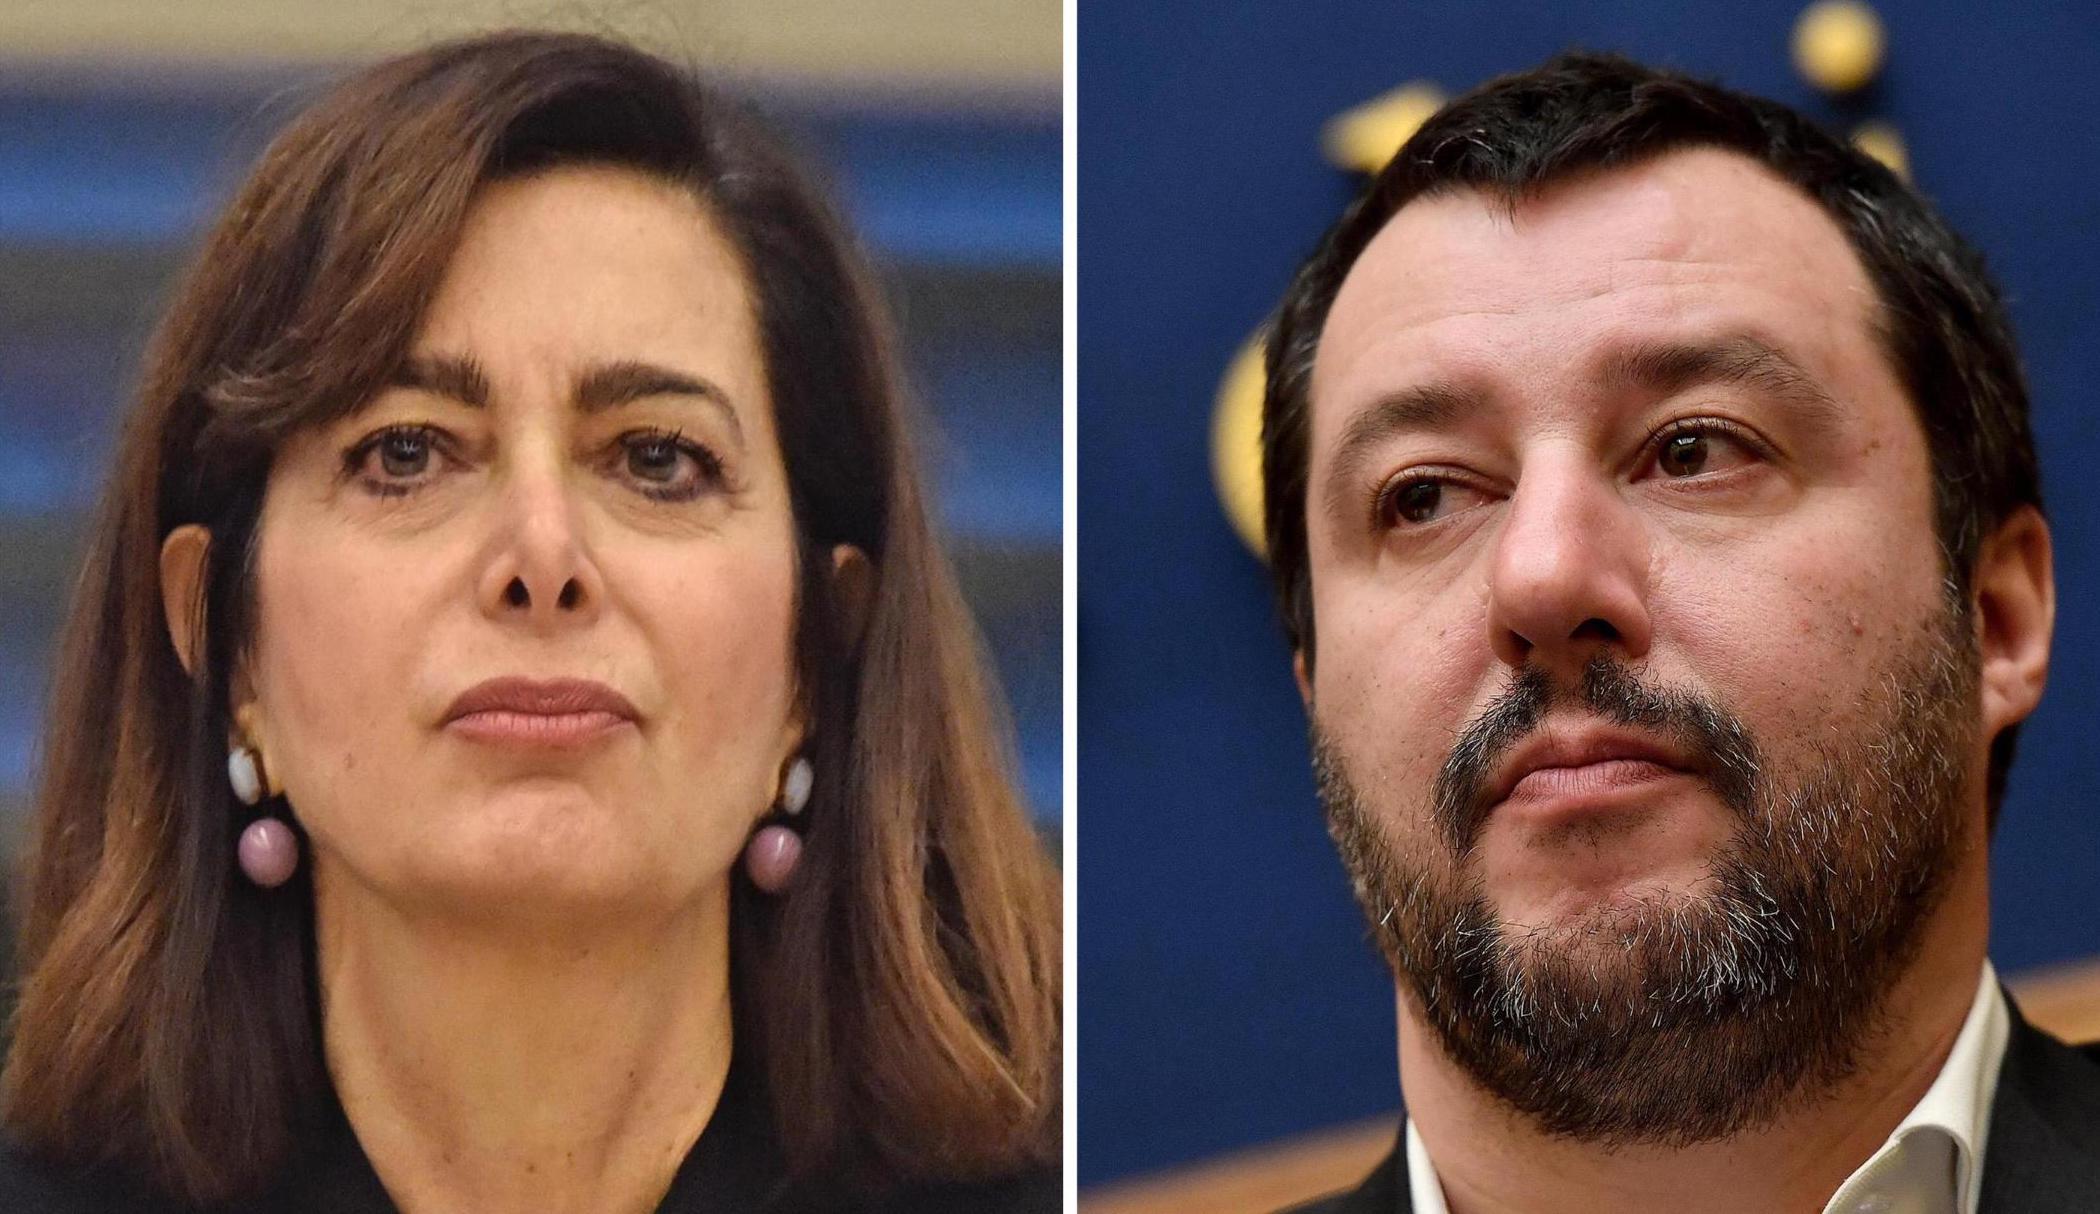 Raid Macerata e razzismo, si infiamma la politica: Salvini e Berlusconi contro Grasso e Boldrini